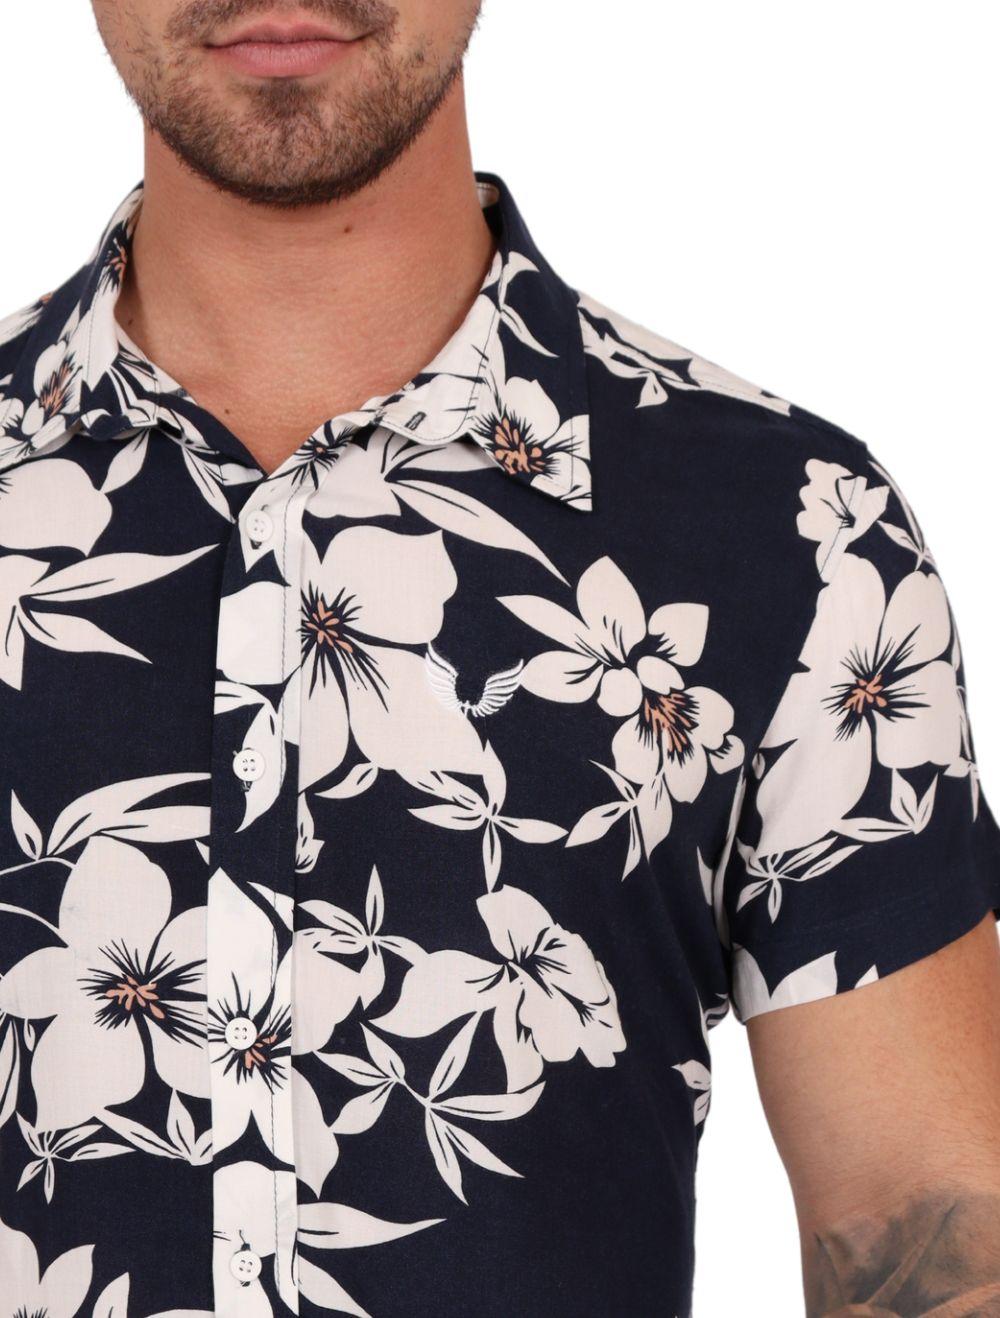 Camisa Masculina Manga Curta Azul Com Flores Branca